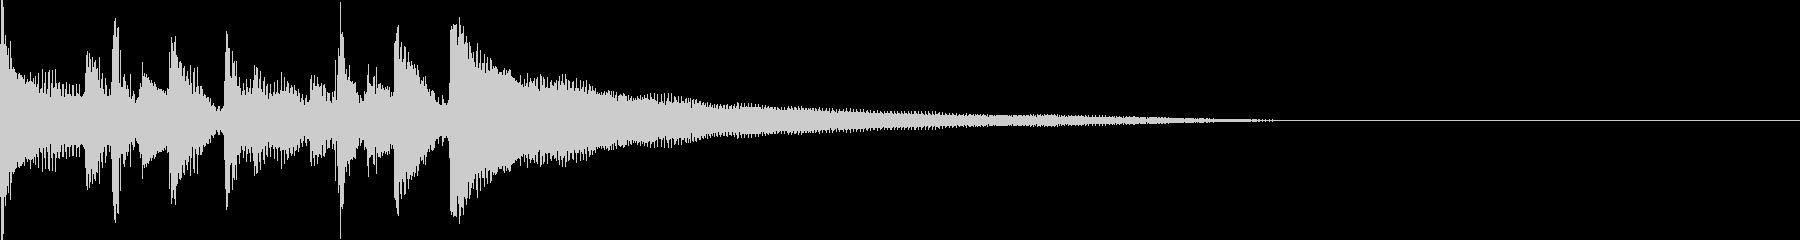 ピアノ、ハンドクラップ、アコーステ...の未再生の波形